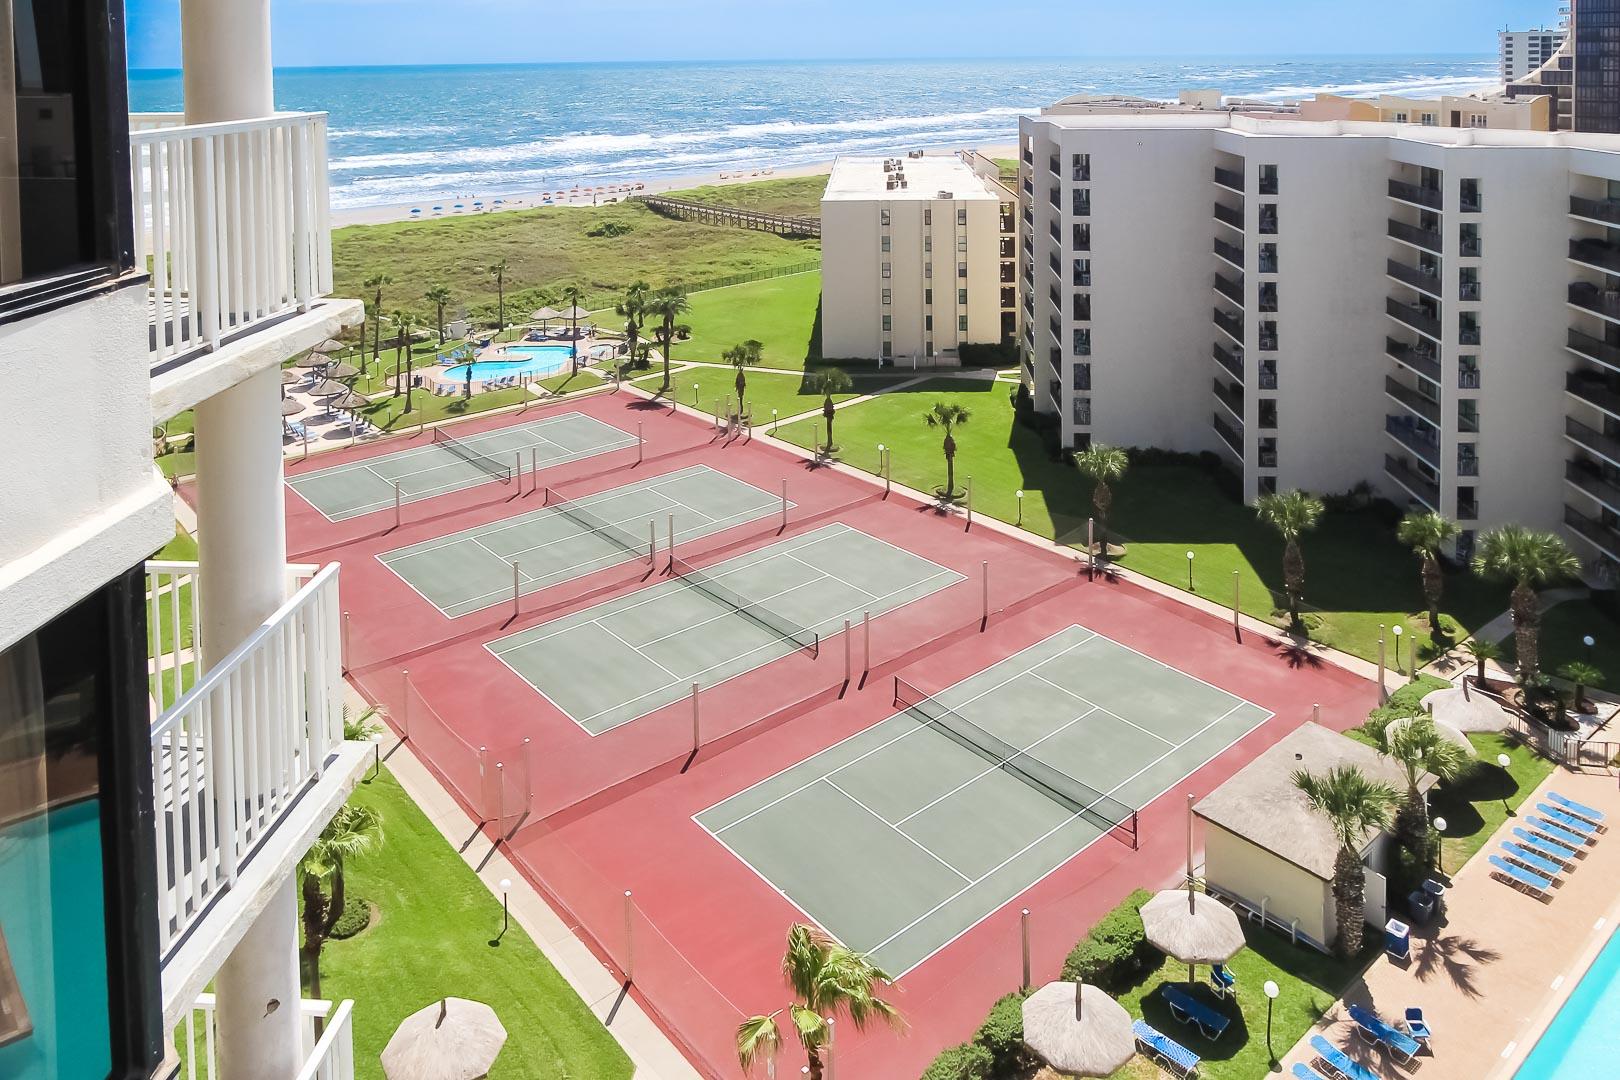 Royale-beach-tennis-Club-23